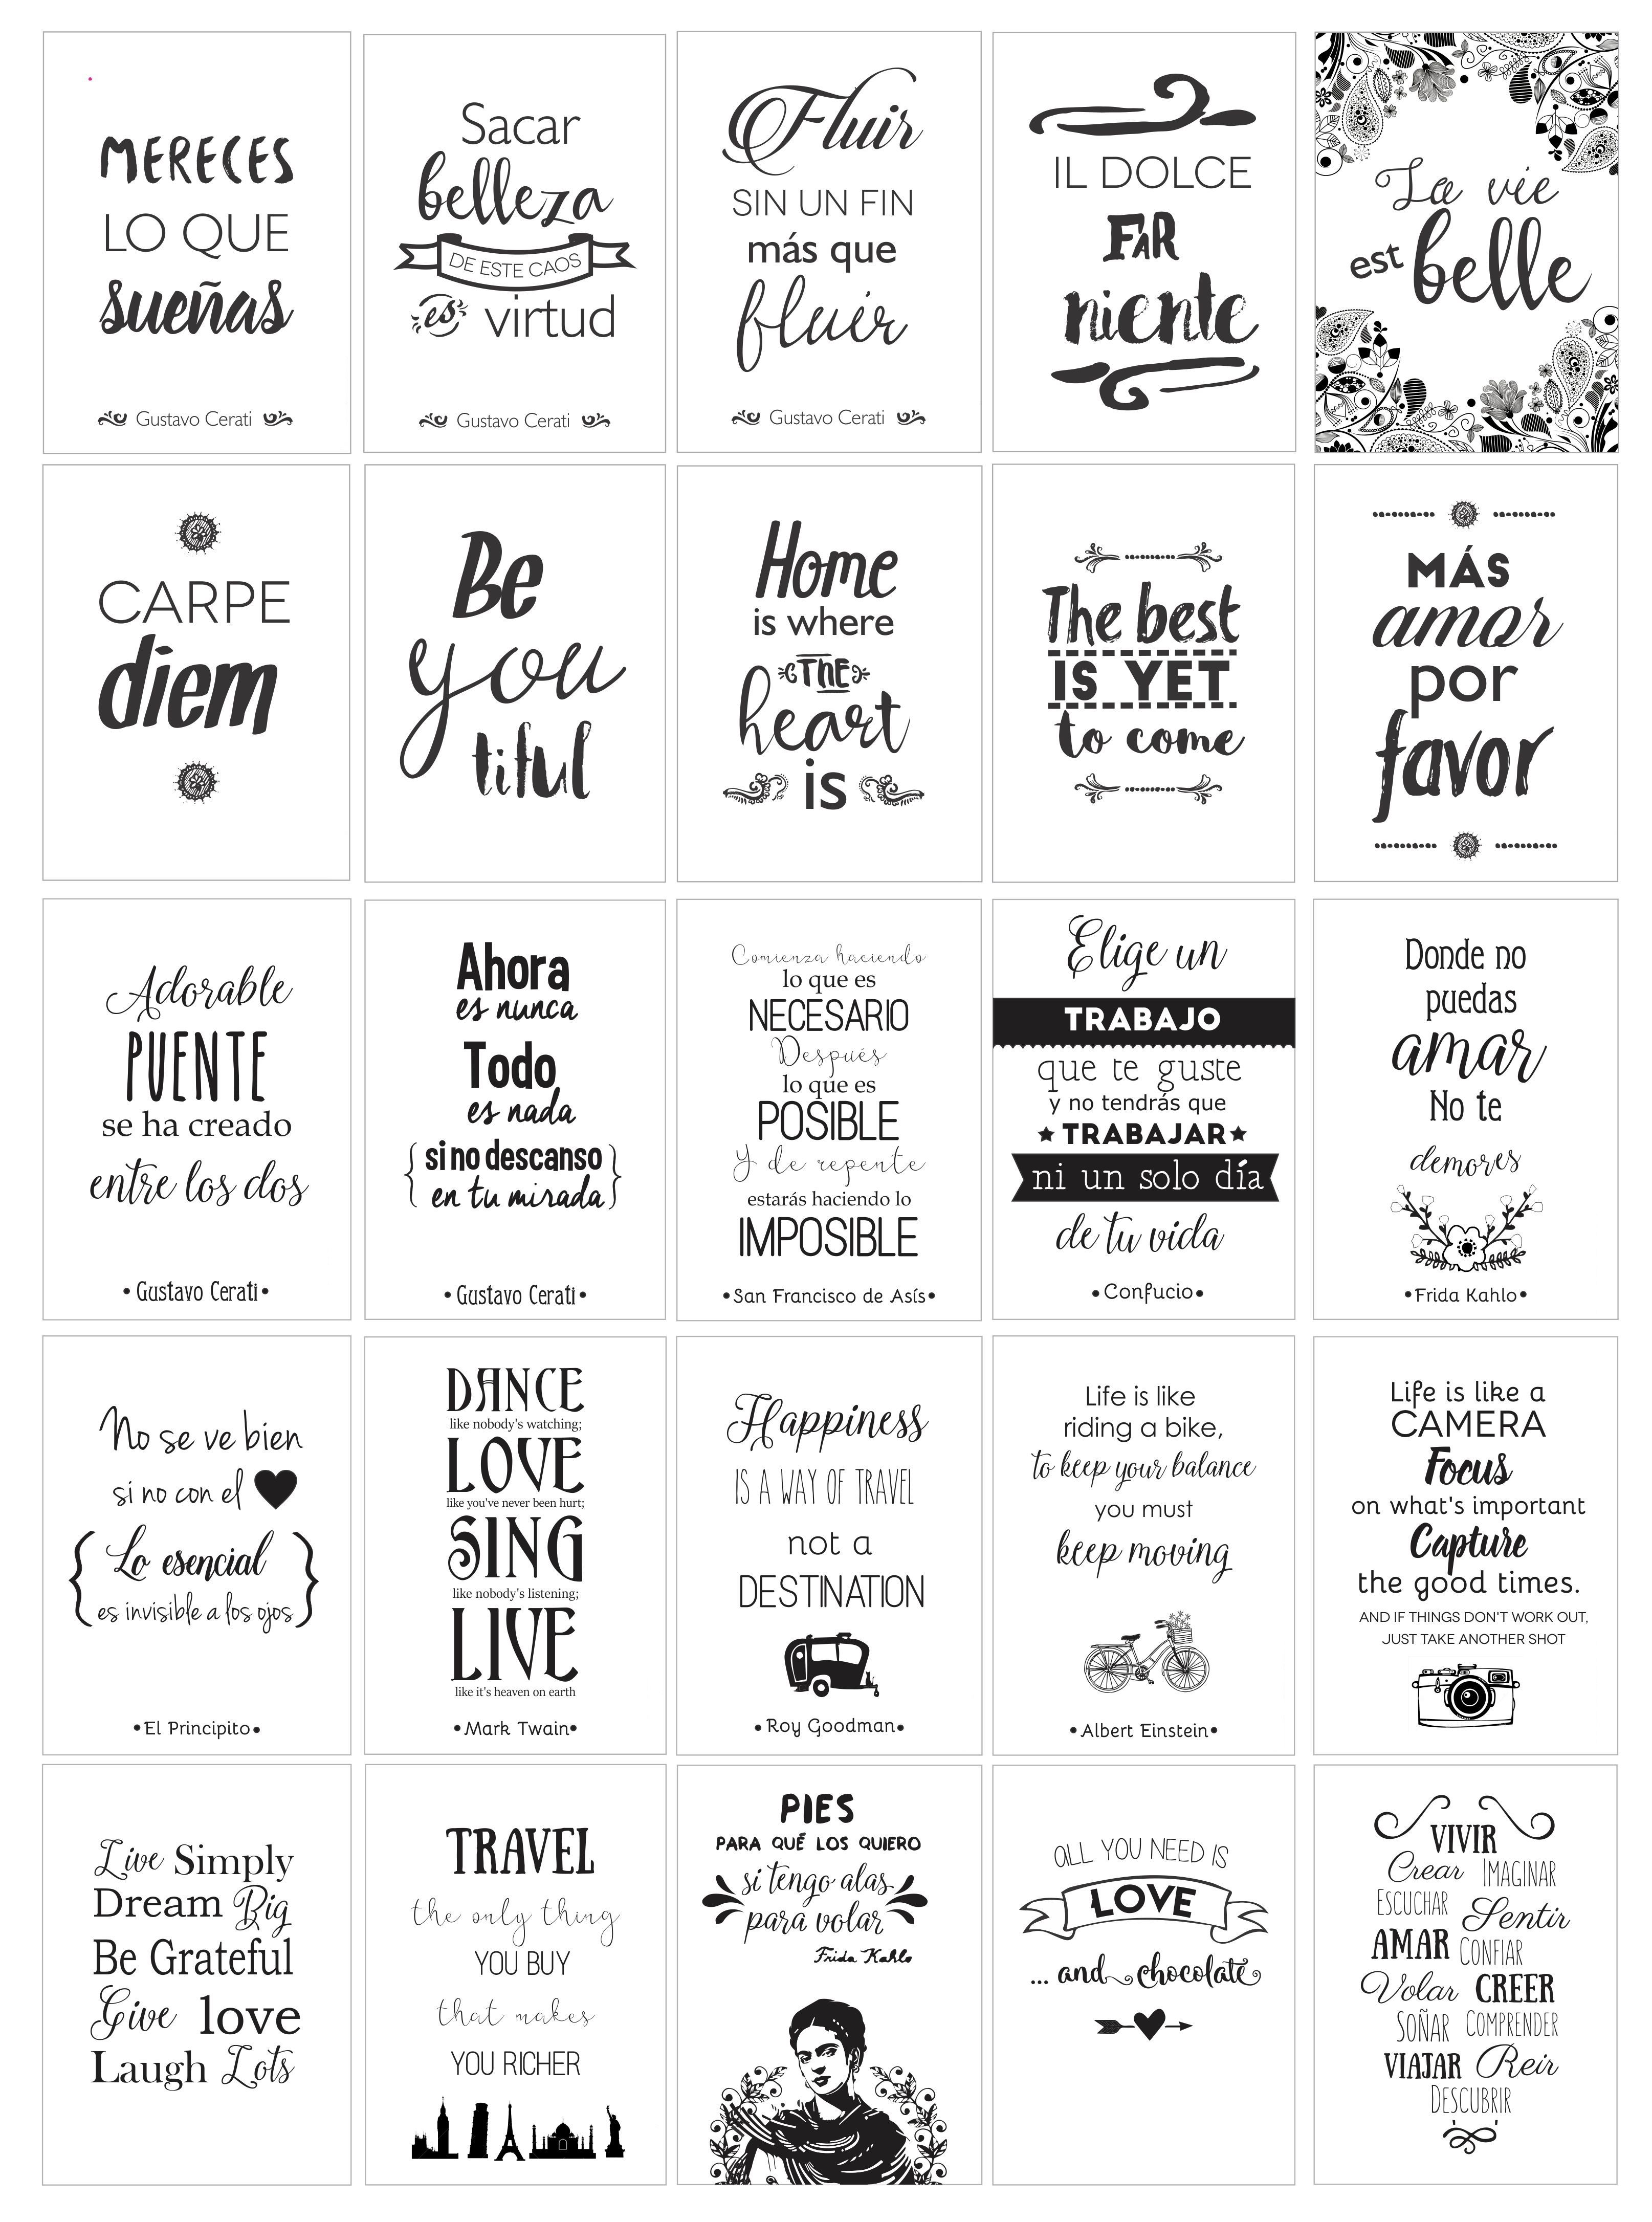 2x1 Láminas De Diseño Con Frases Que Inspiran! Para Imprimir - $ 30 ...